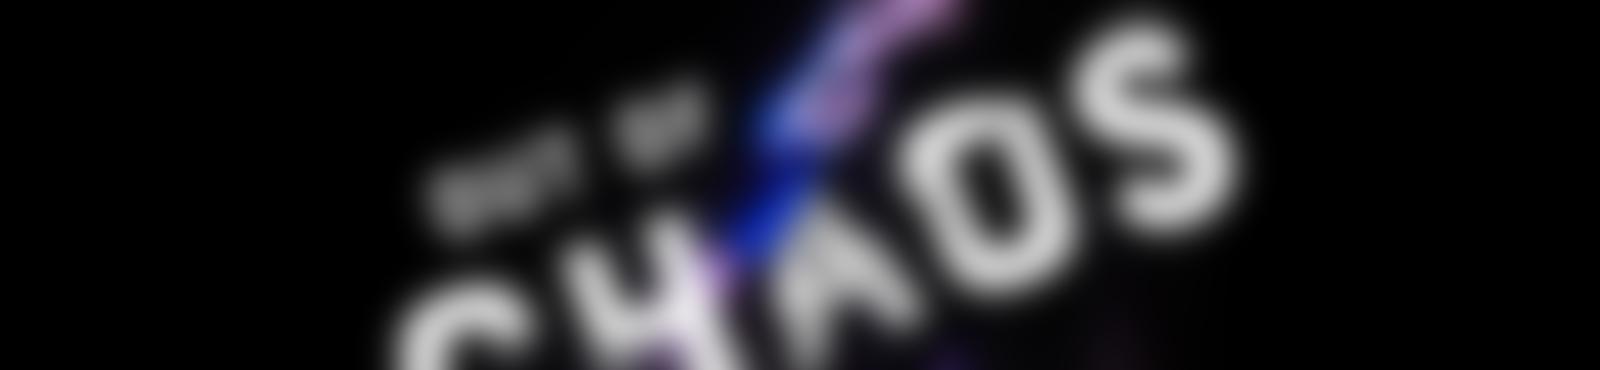 Blurred 63d1d3da 696e 4424 8c41 7a48a0786c48